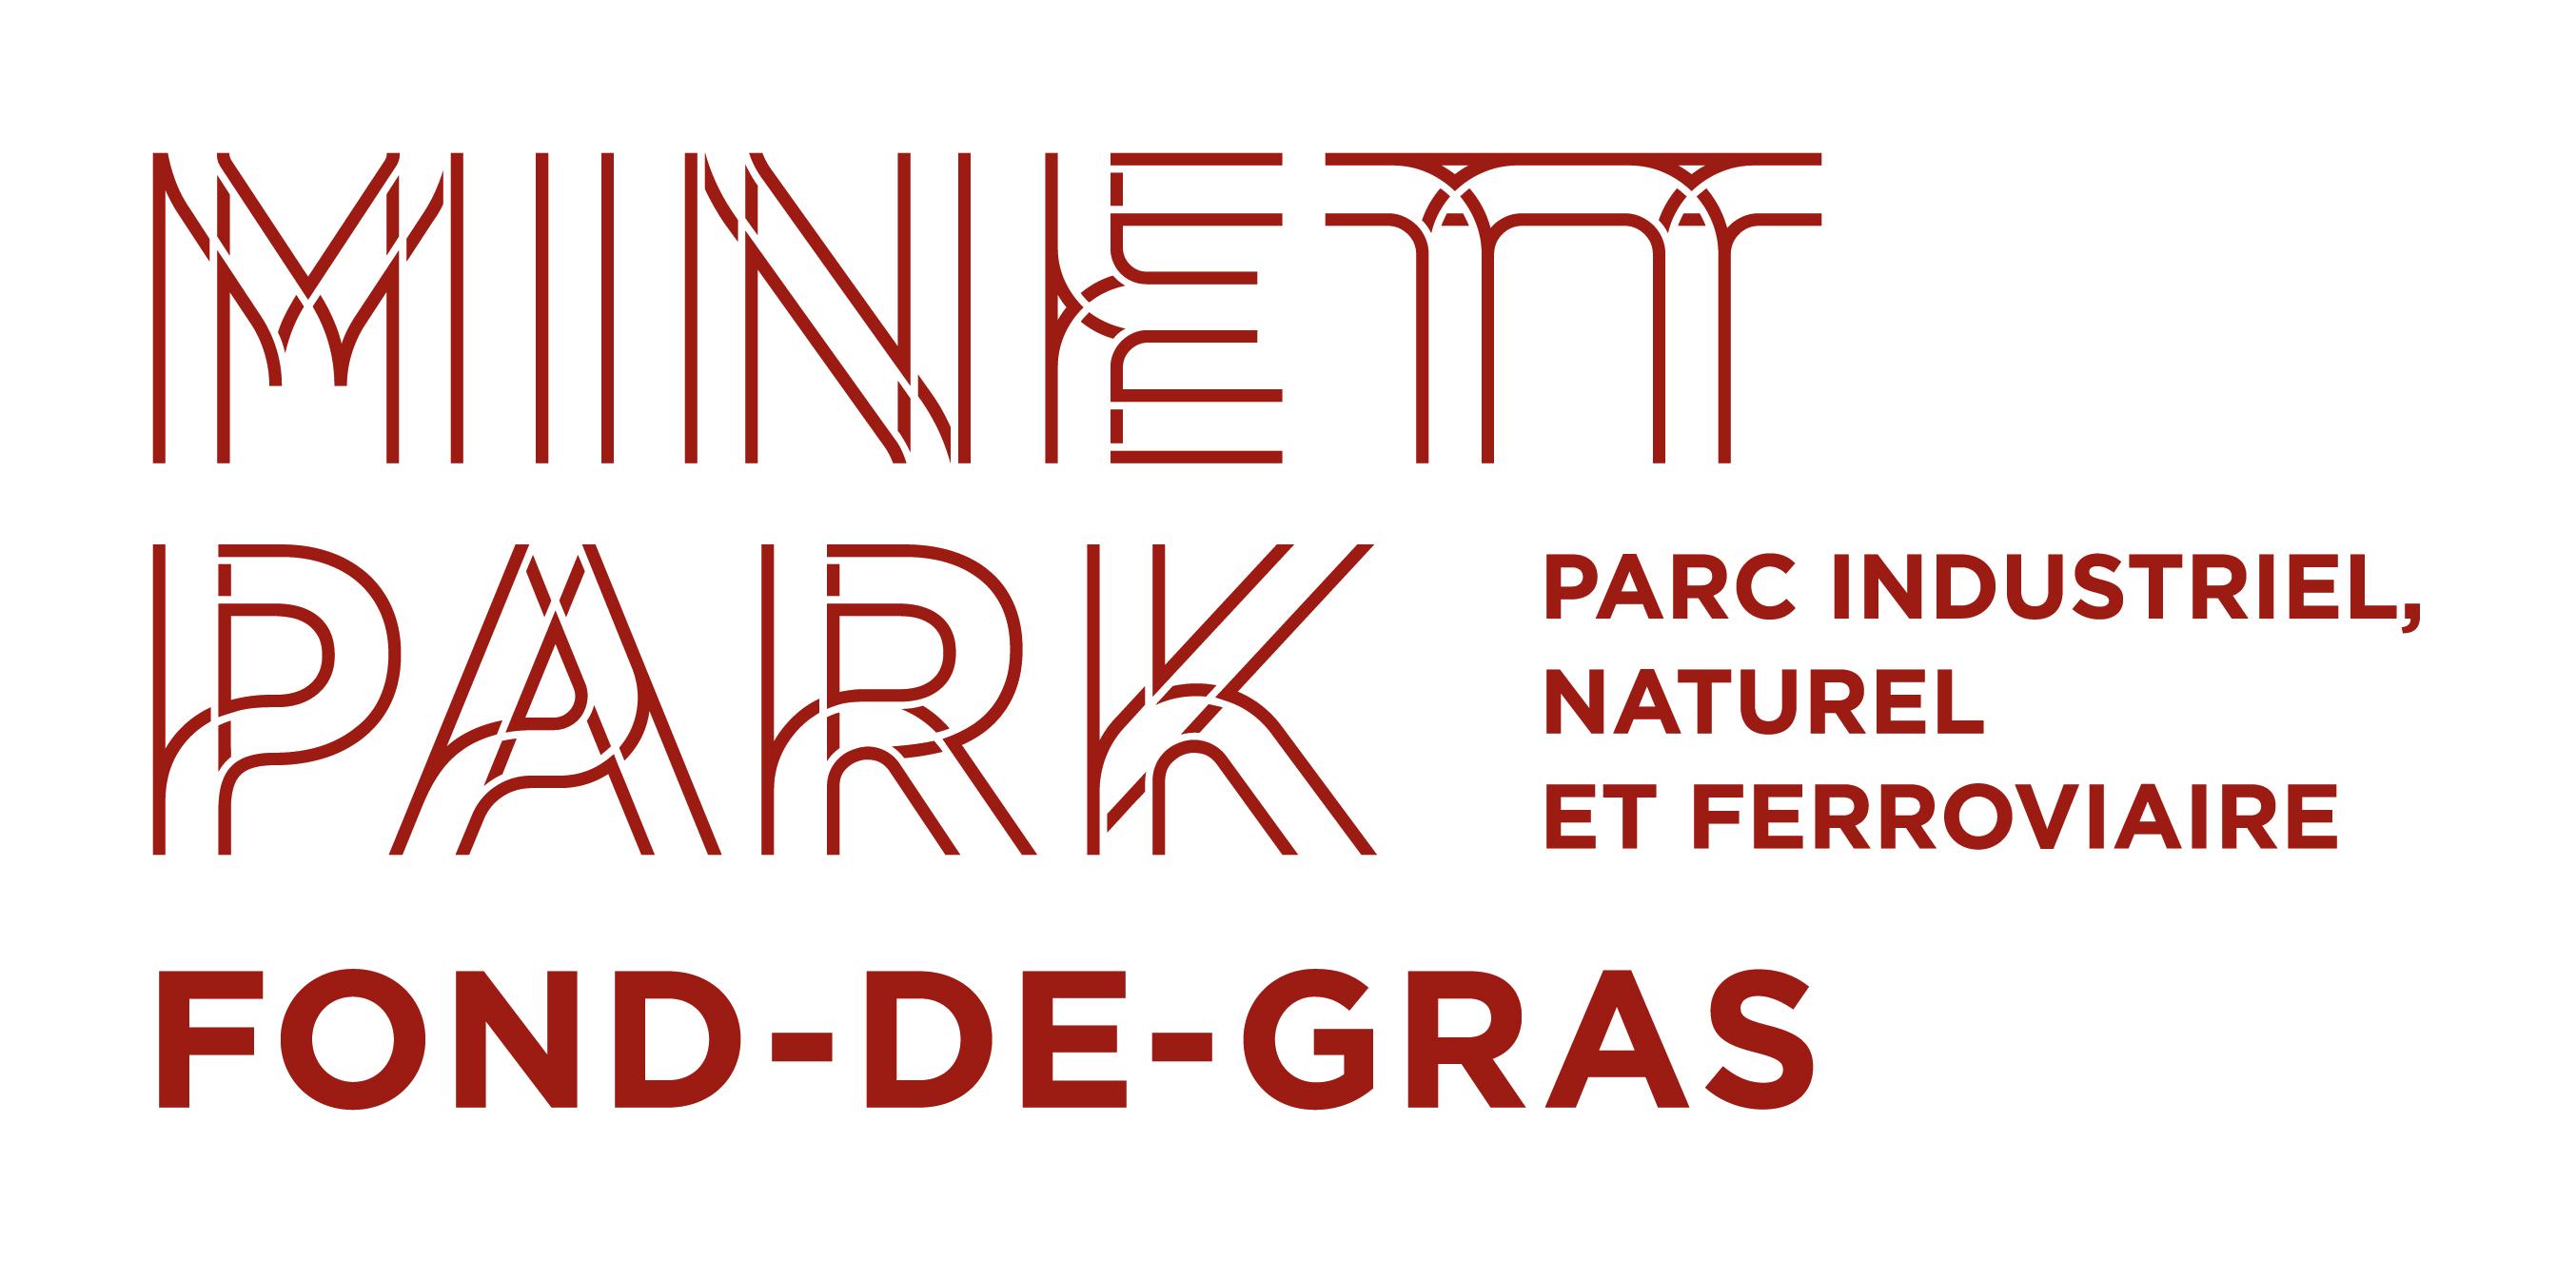 Minett Park Fond-de-Gras